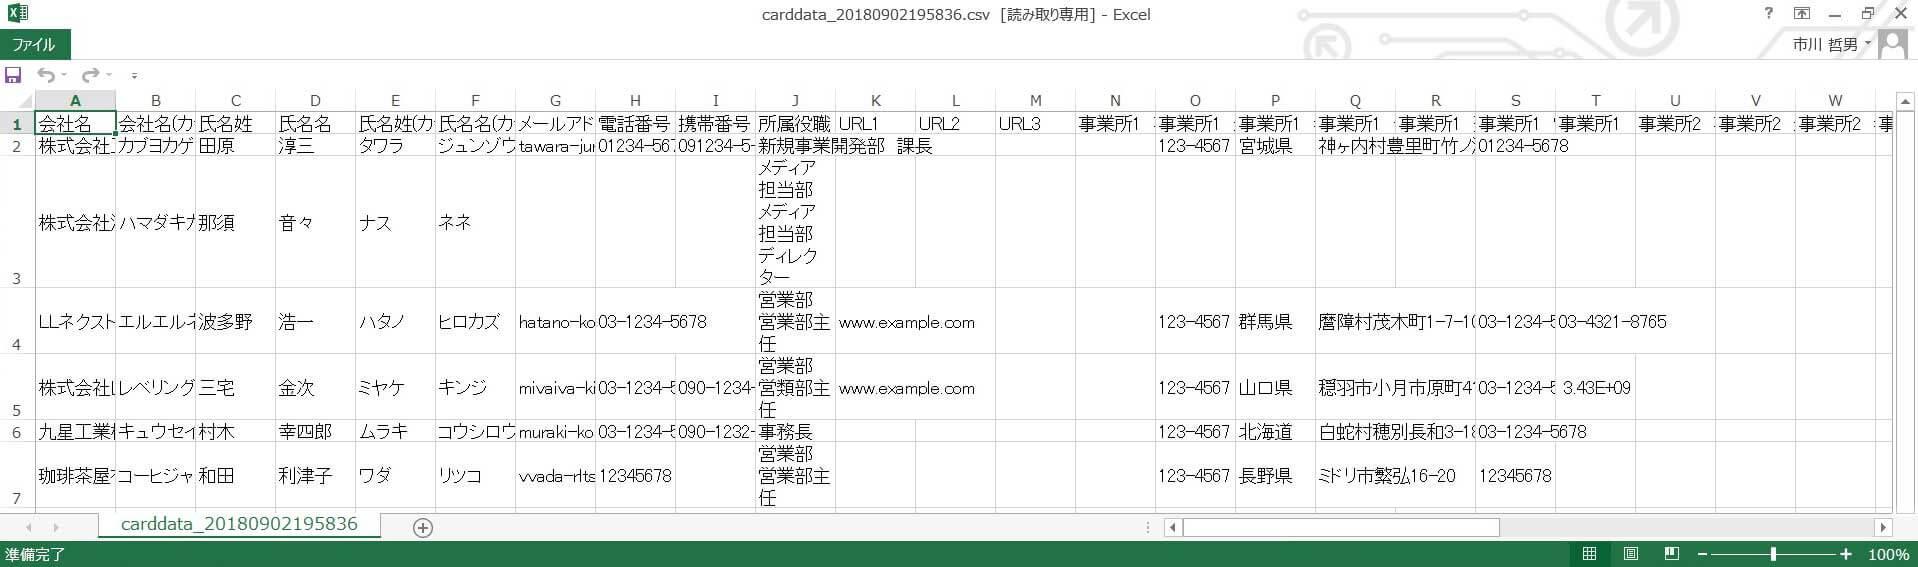 選択した名刺データがCSV形式でエクスポートされました。